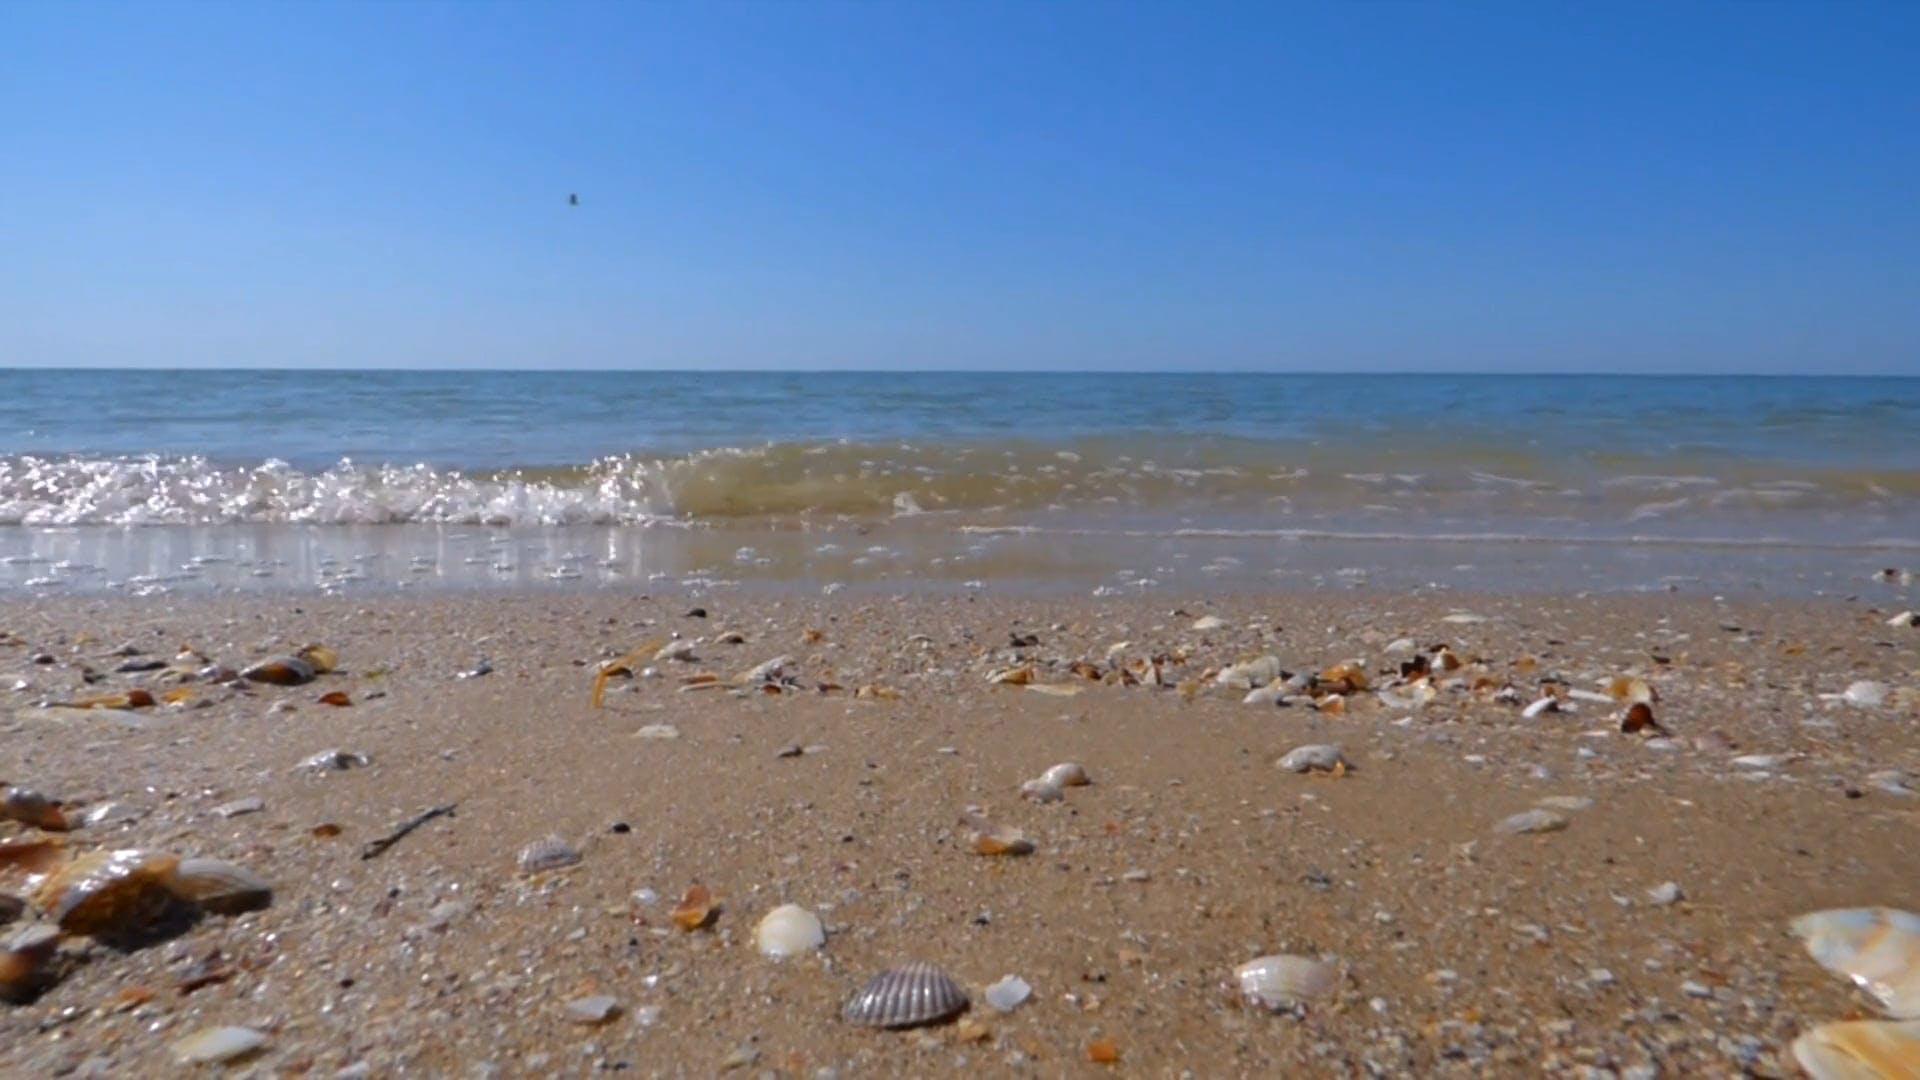 Sea Shells On Shore